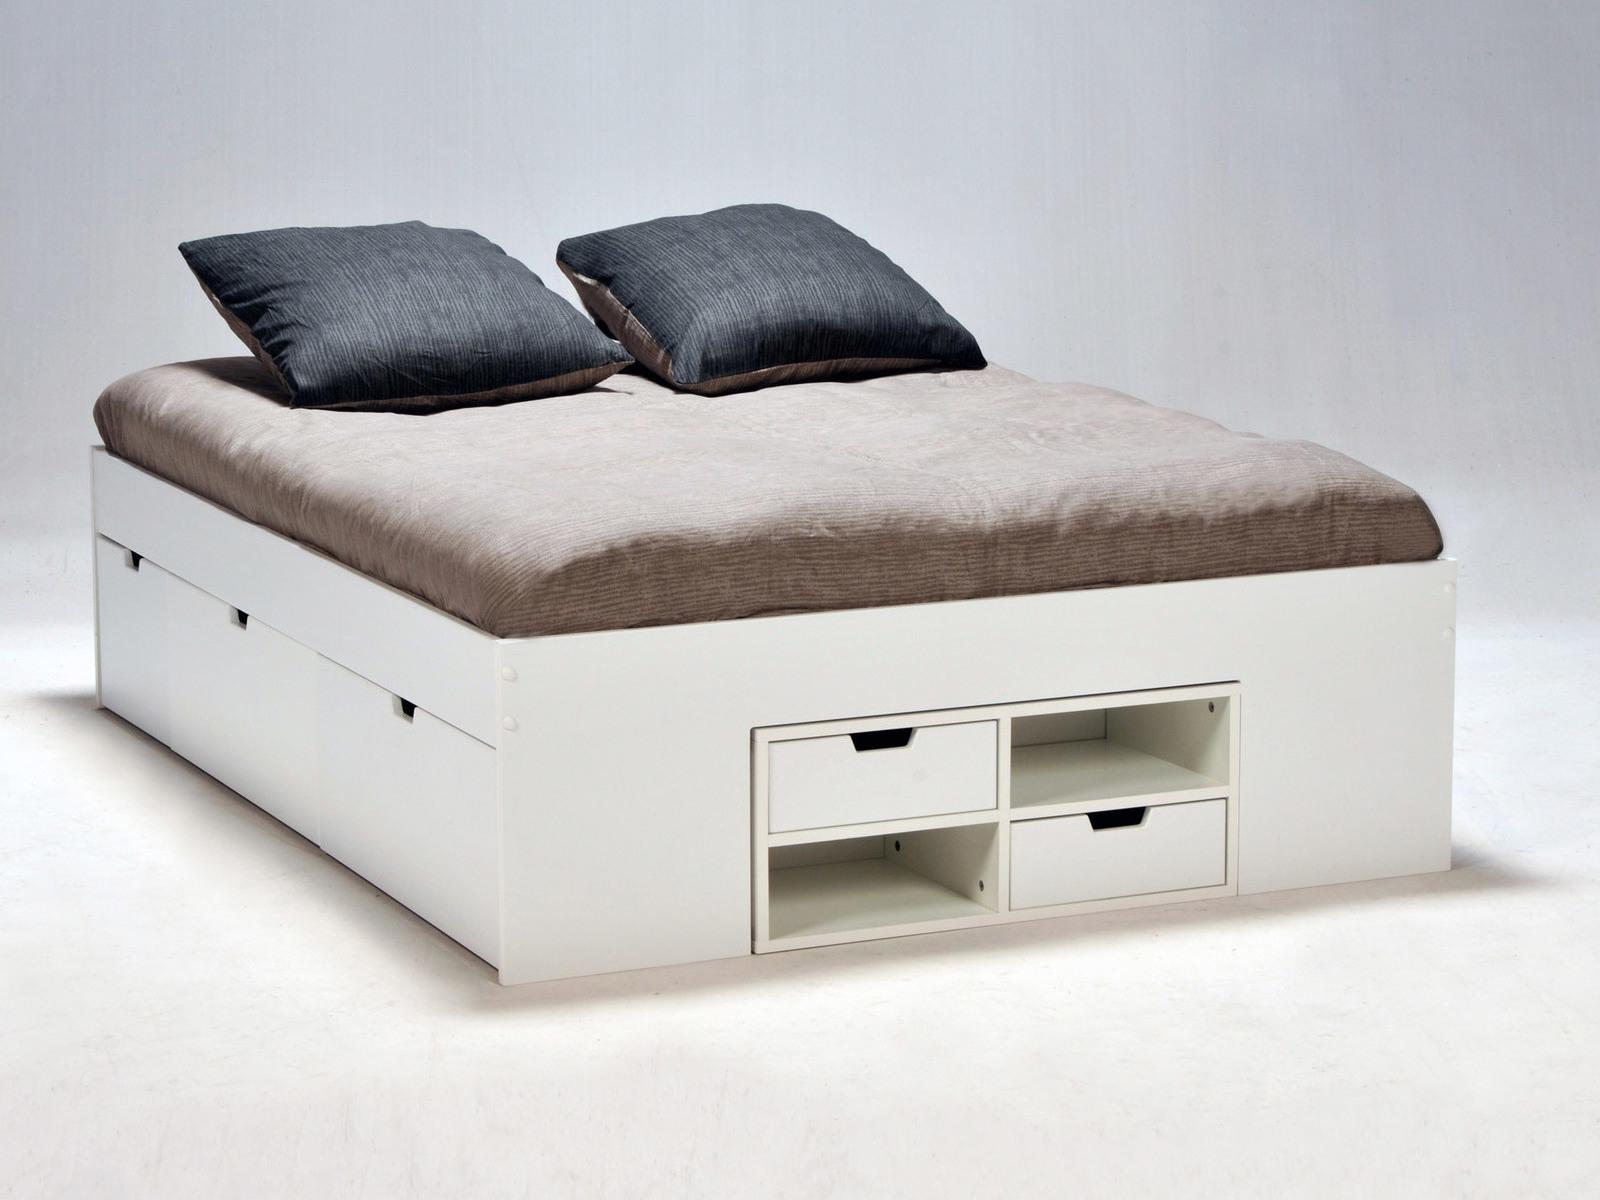 534263 Κρεβάτι Διπλό Ξύλινο με Αποθηκευτικό Χώρο 190x190cm